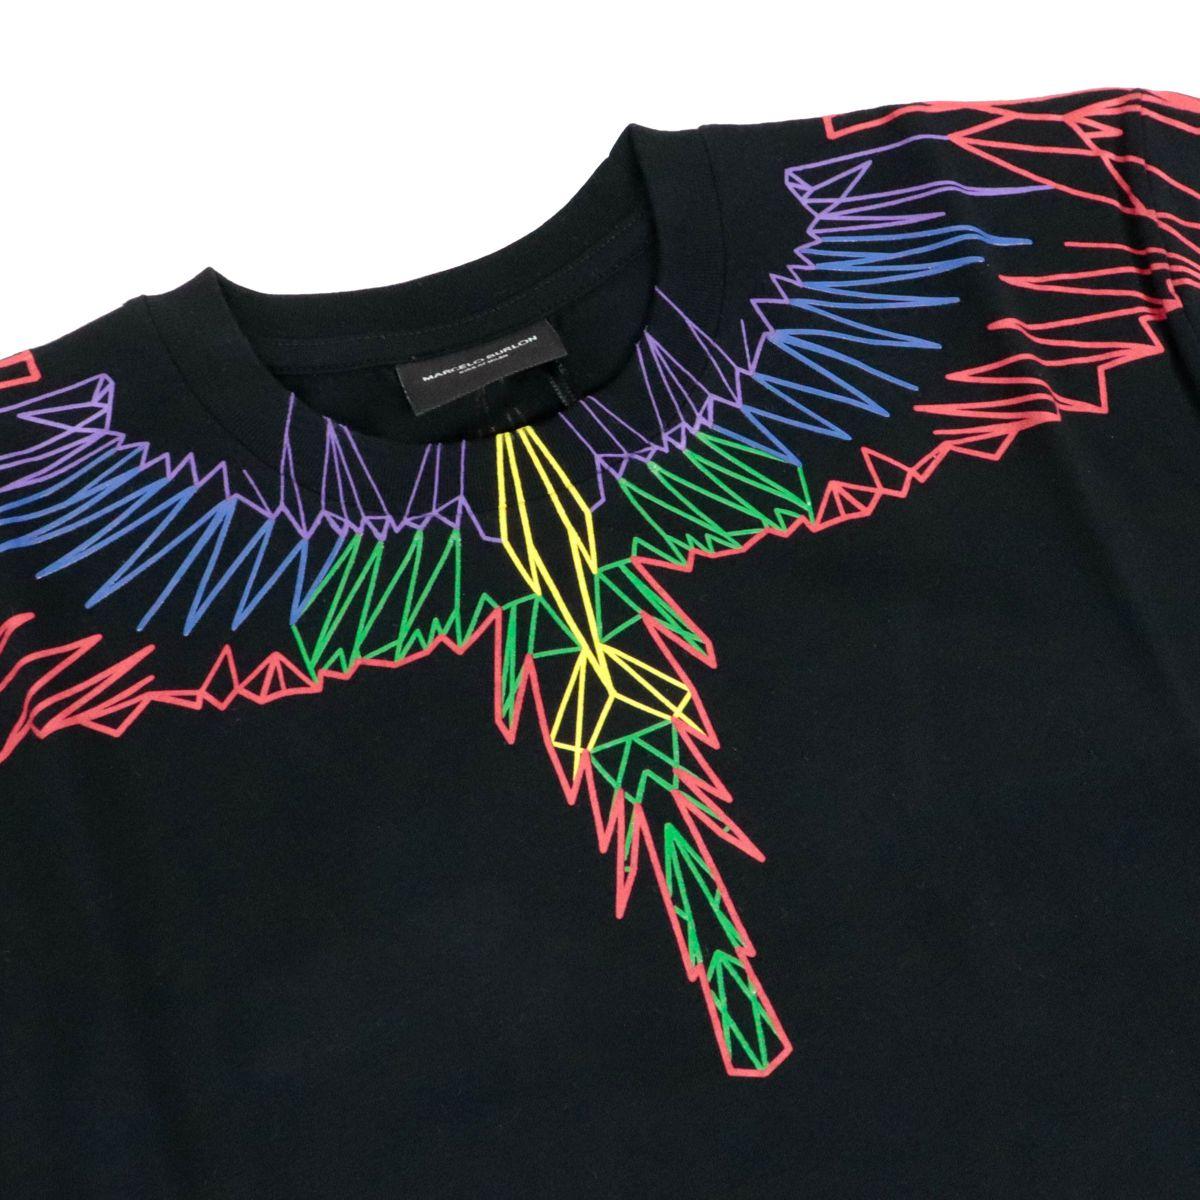 T-shirt in cotone con stampa ali neon Nero MARCELO BURLON